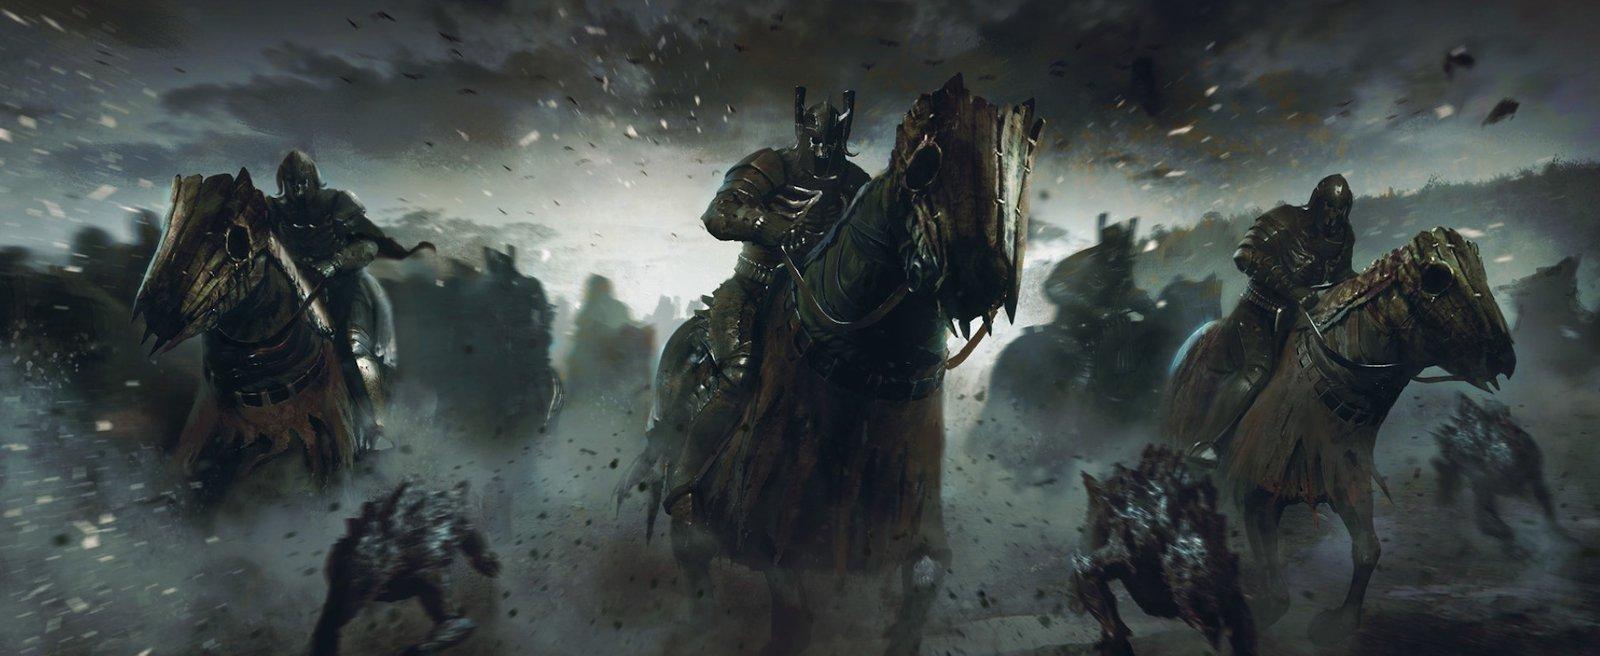 """Die Wilde Jagd, wie im Computerspiel """"The Witcher"""" dargestellt. (Bild: CD Project Red)"""